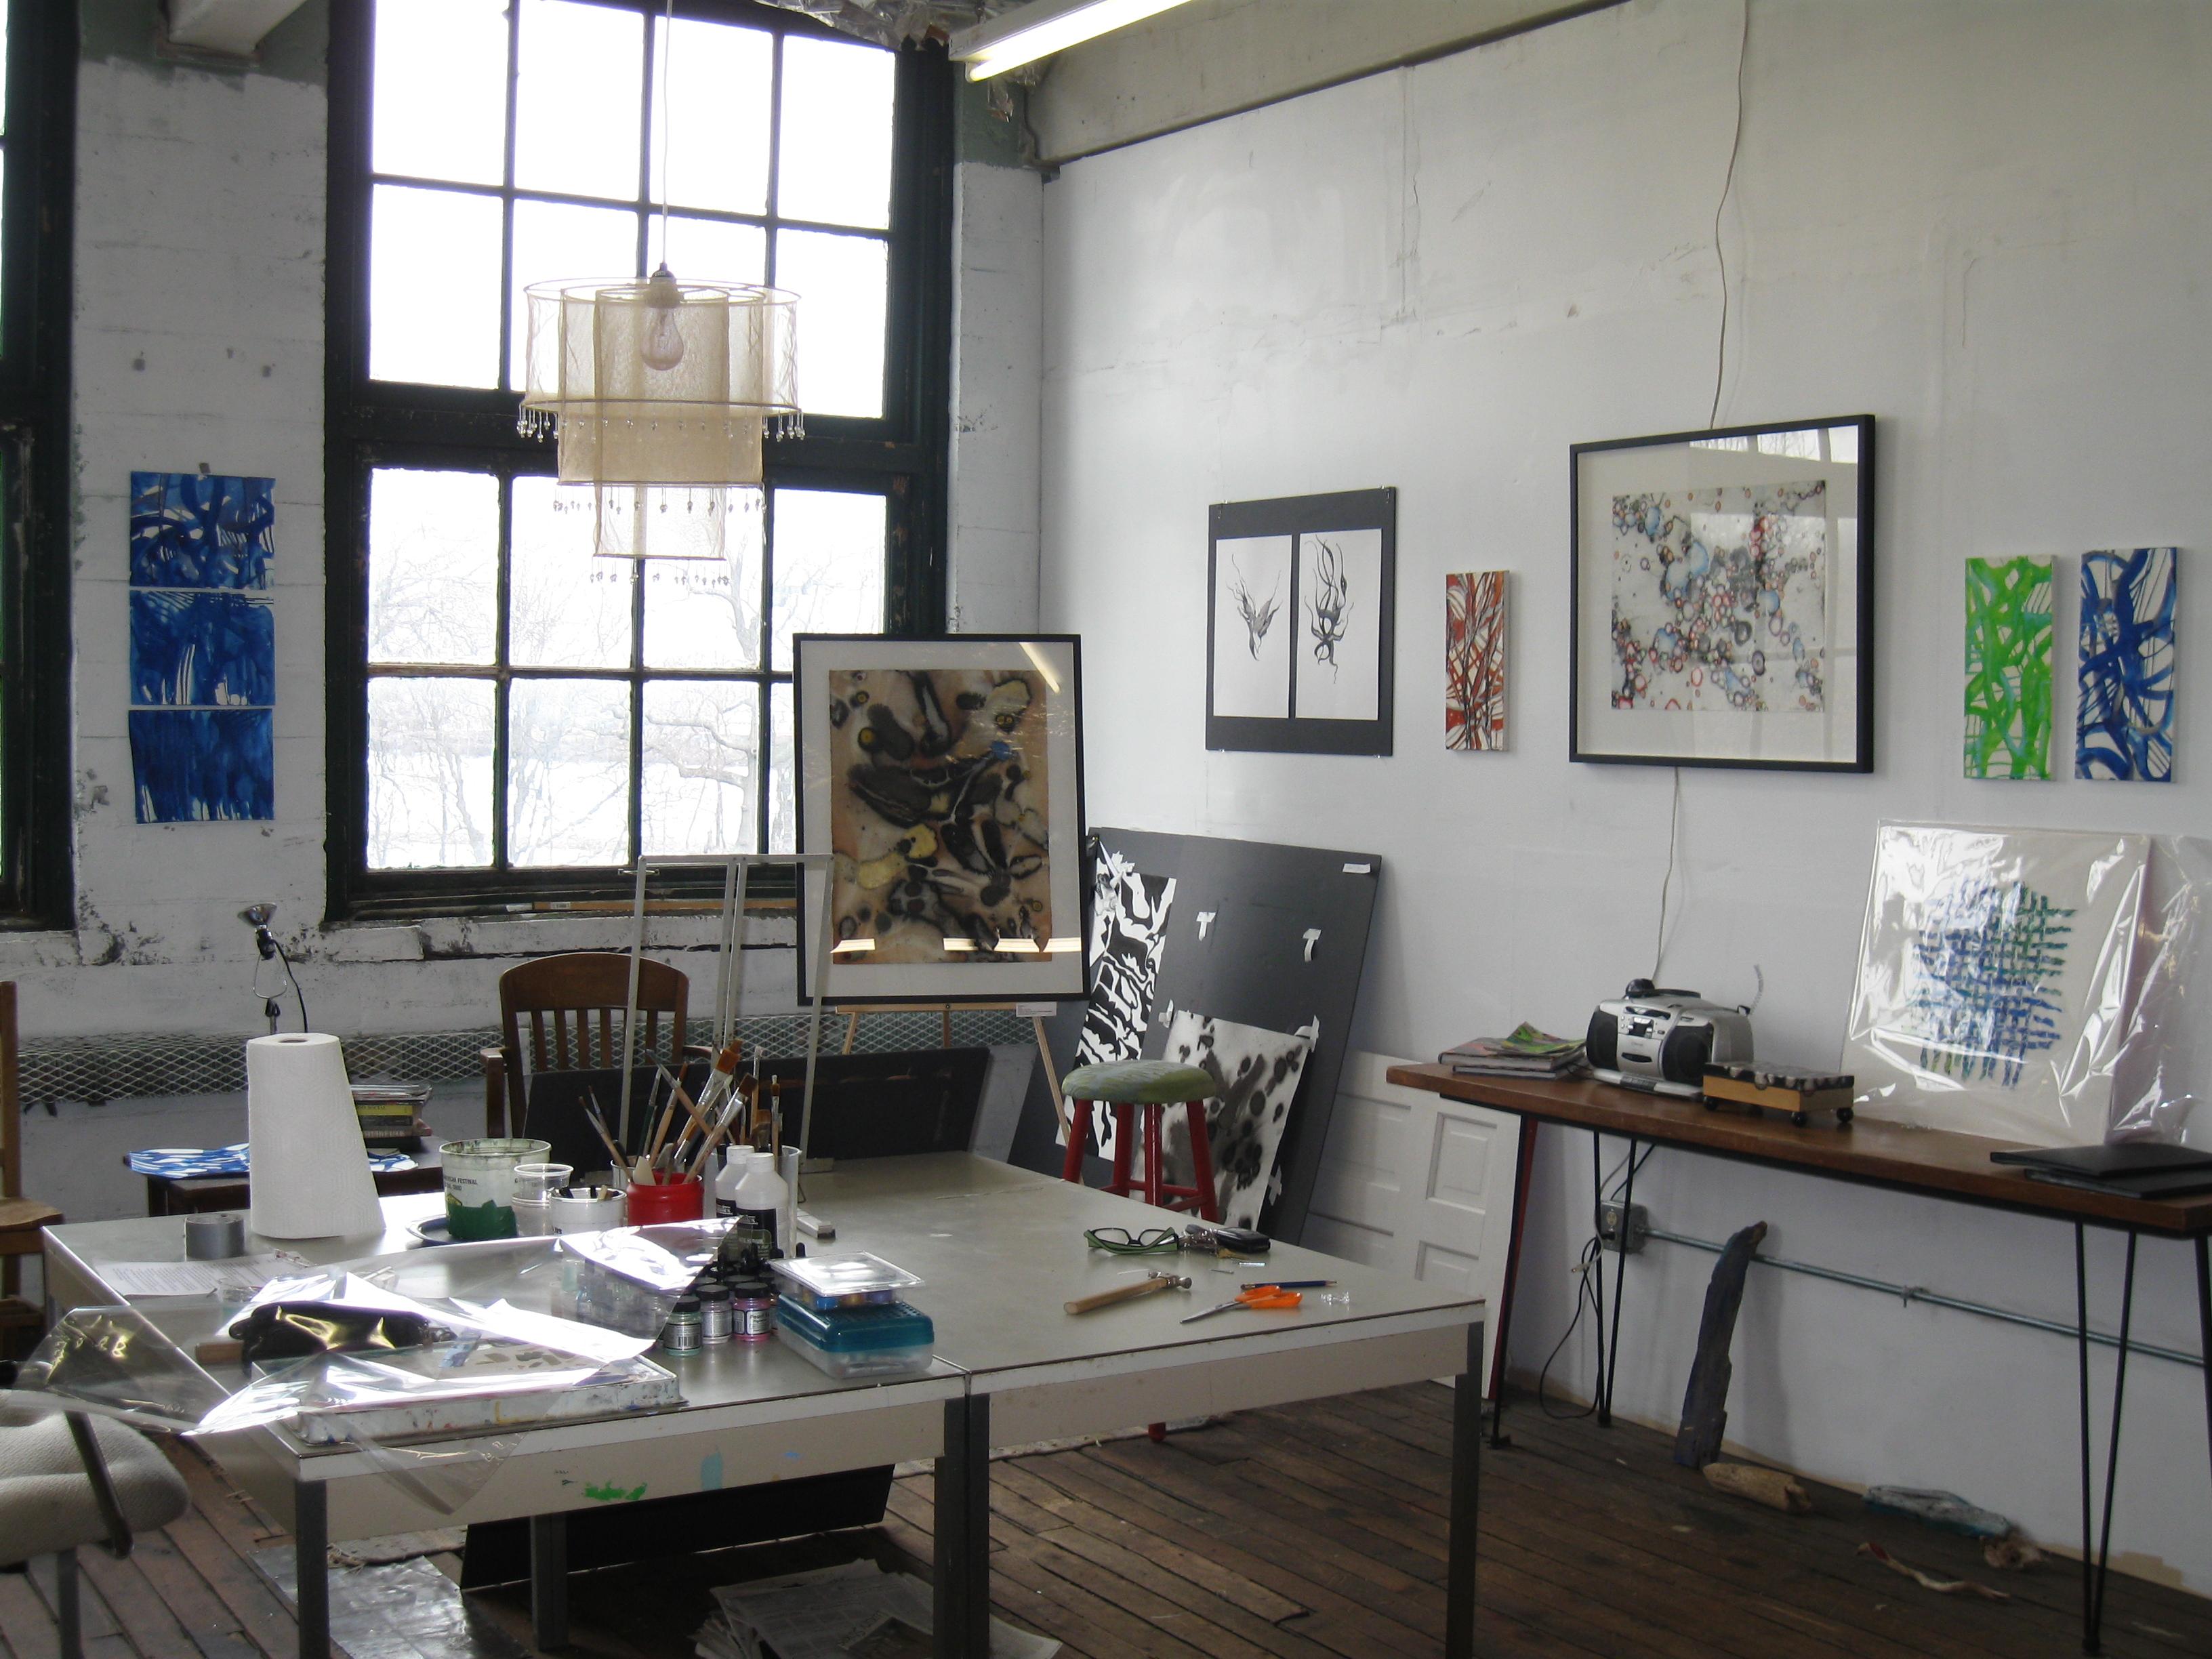 04_02_09-studio-pics-0101